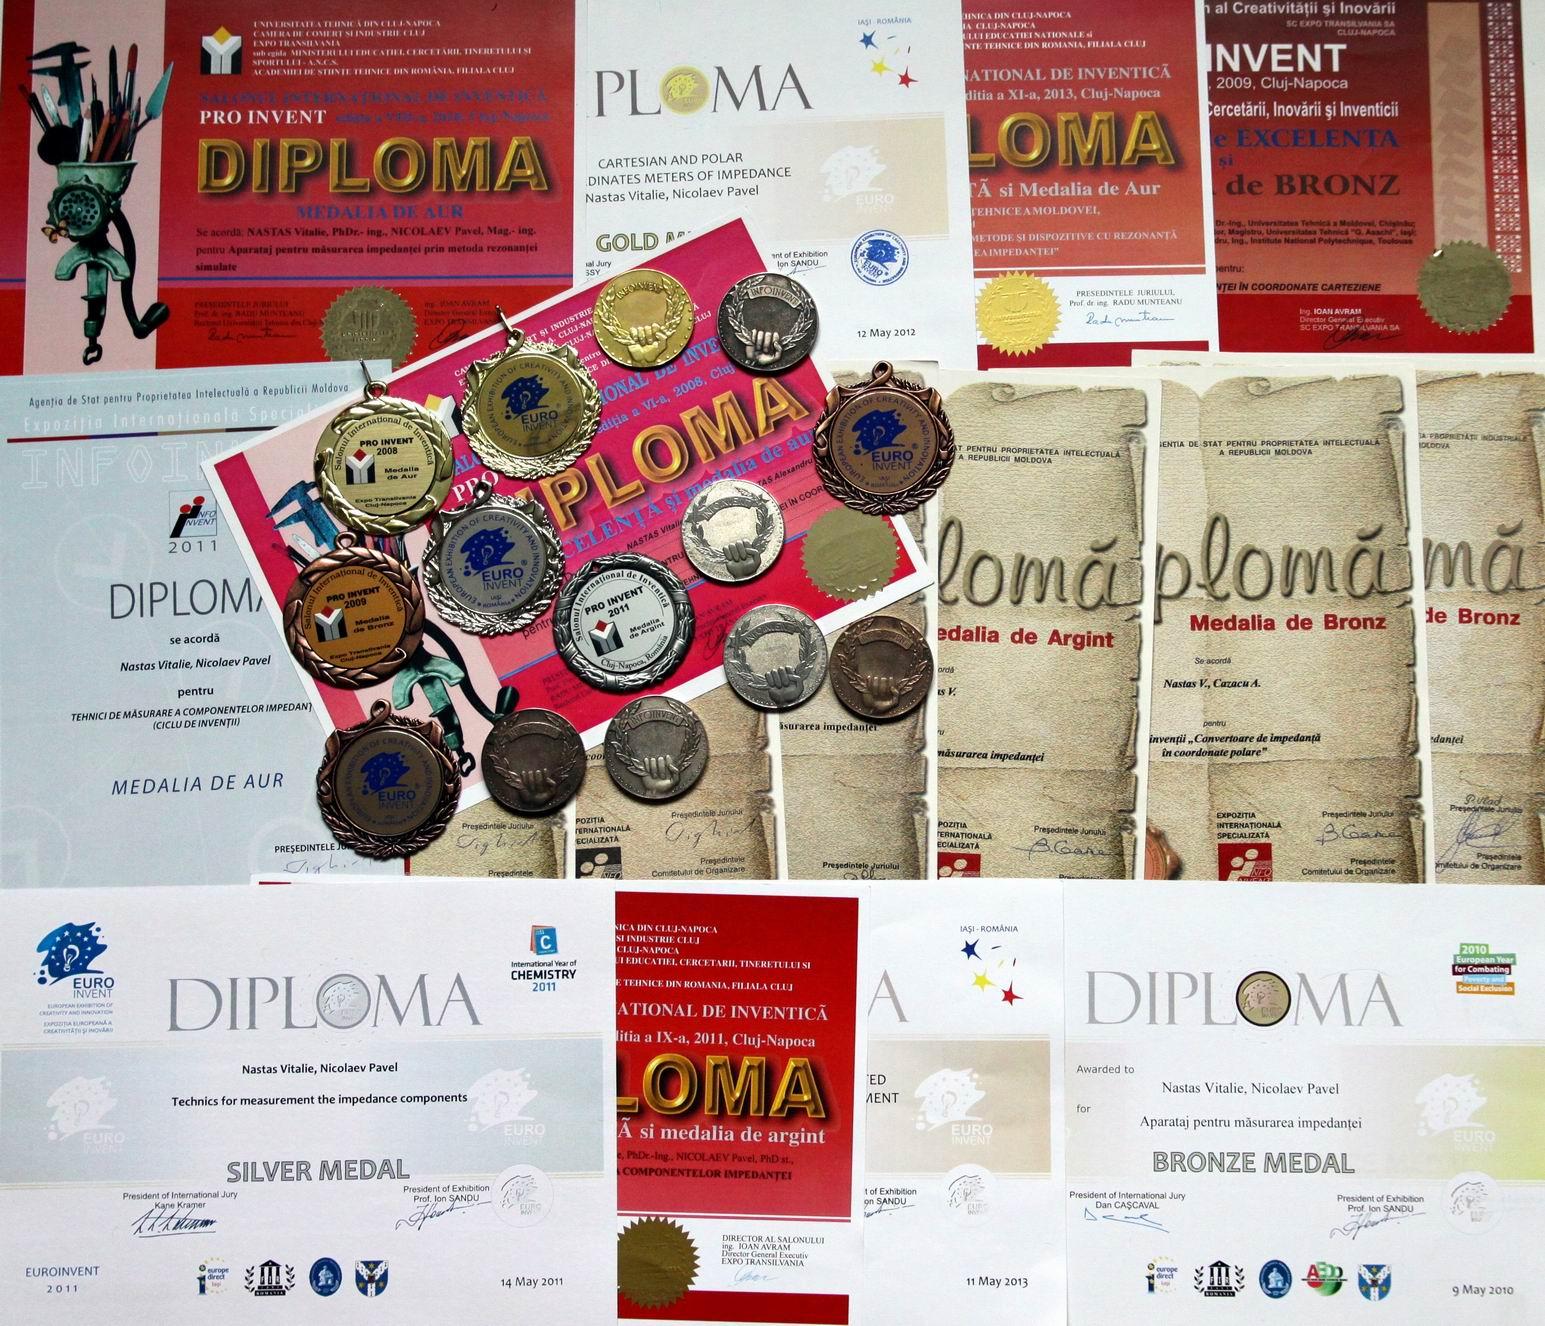 diploma_tlc1